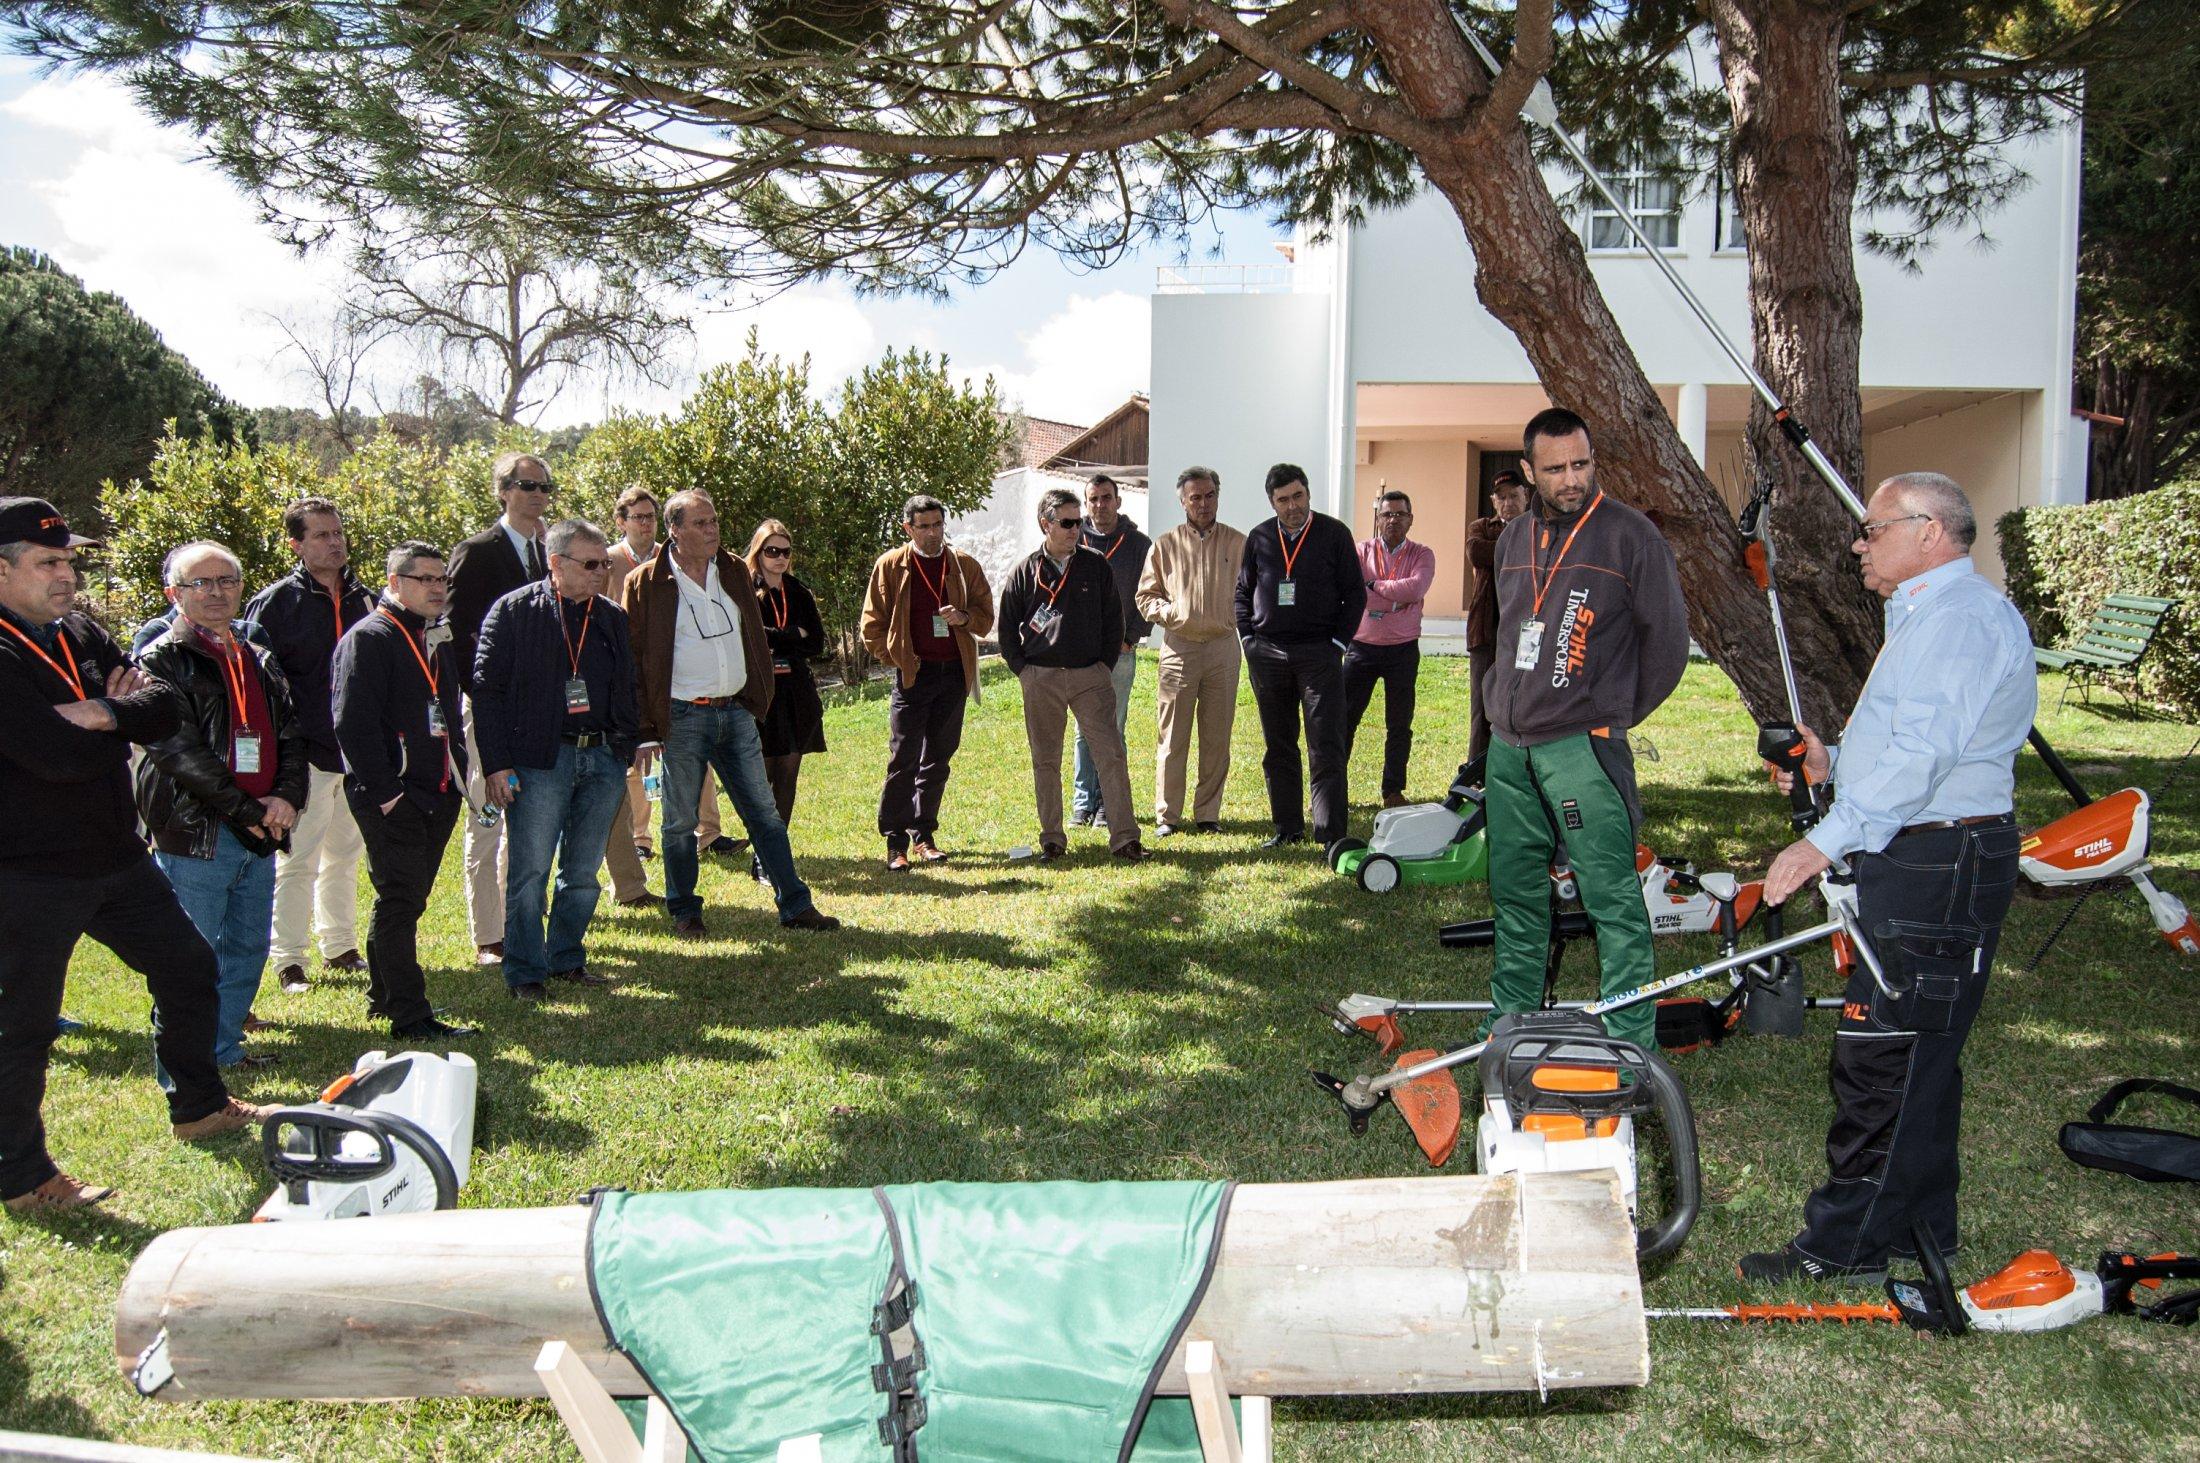 A seguir à convenção, houve demonstrações de equipamento na Quinta da Silveira.